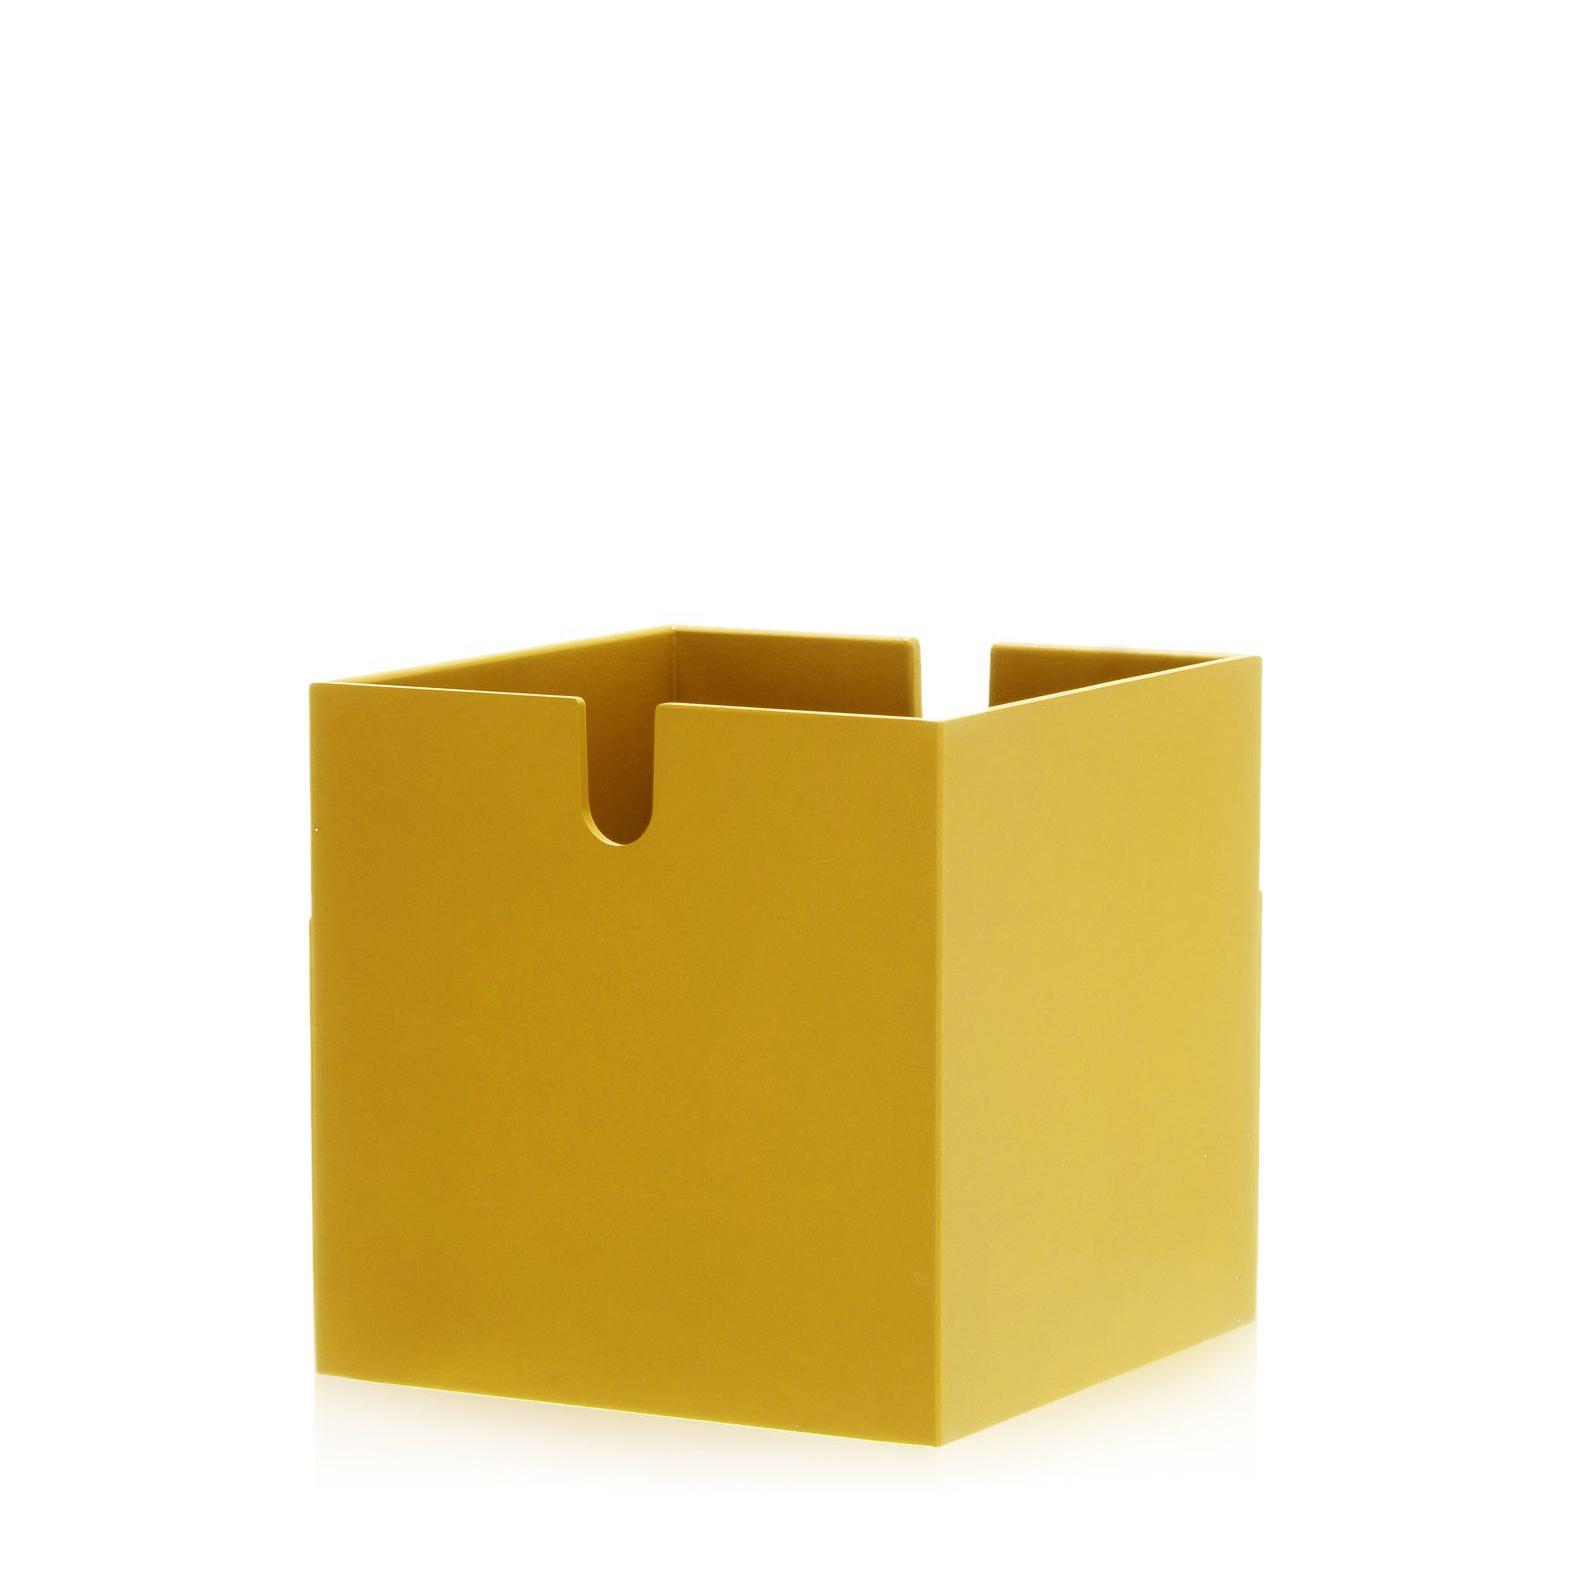 Kartell Polvara Modular Bookshelf Cube Drawer